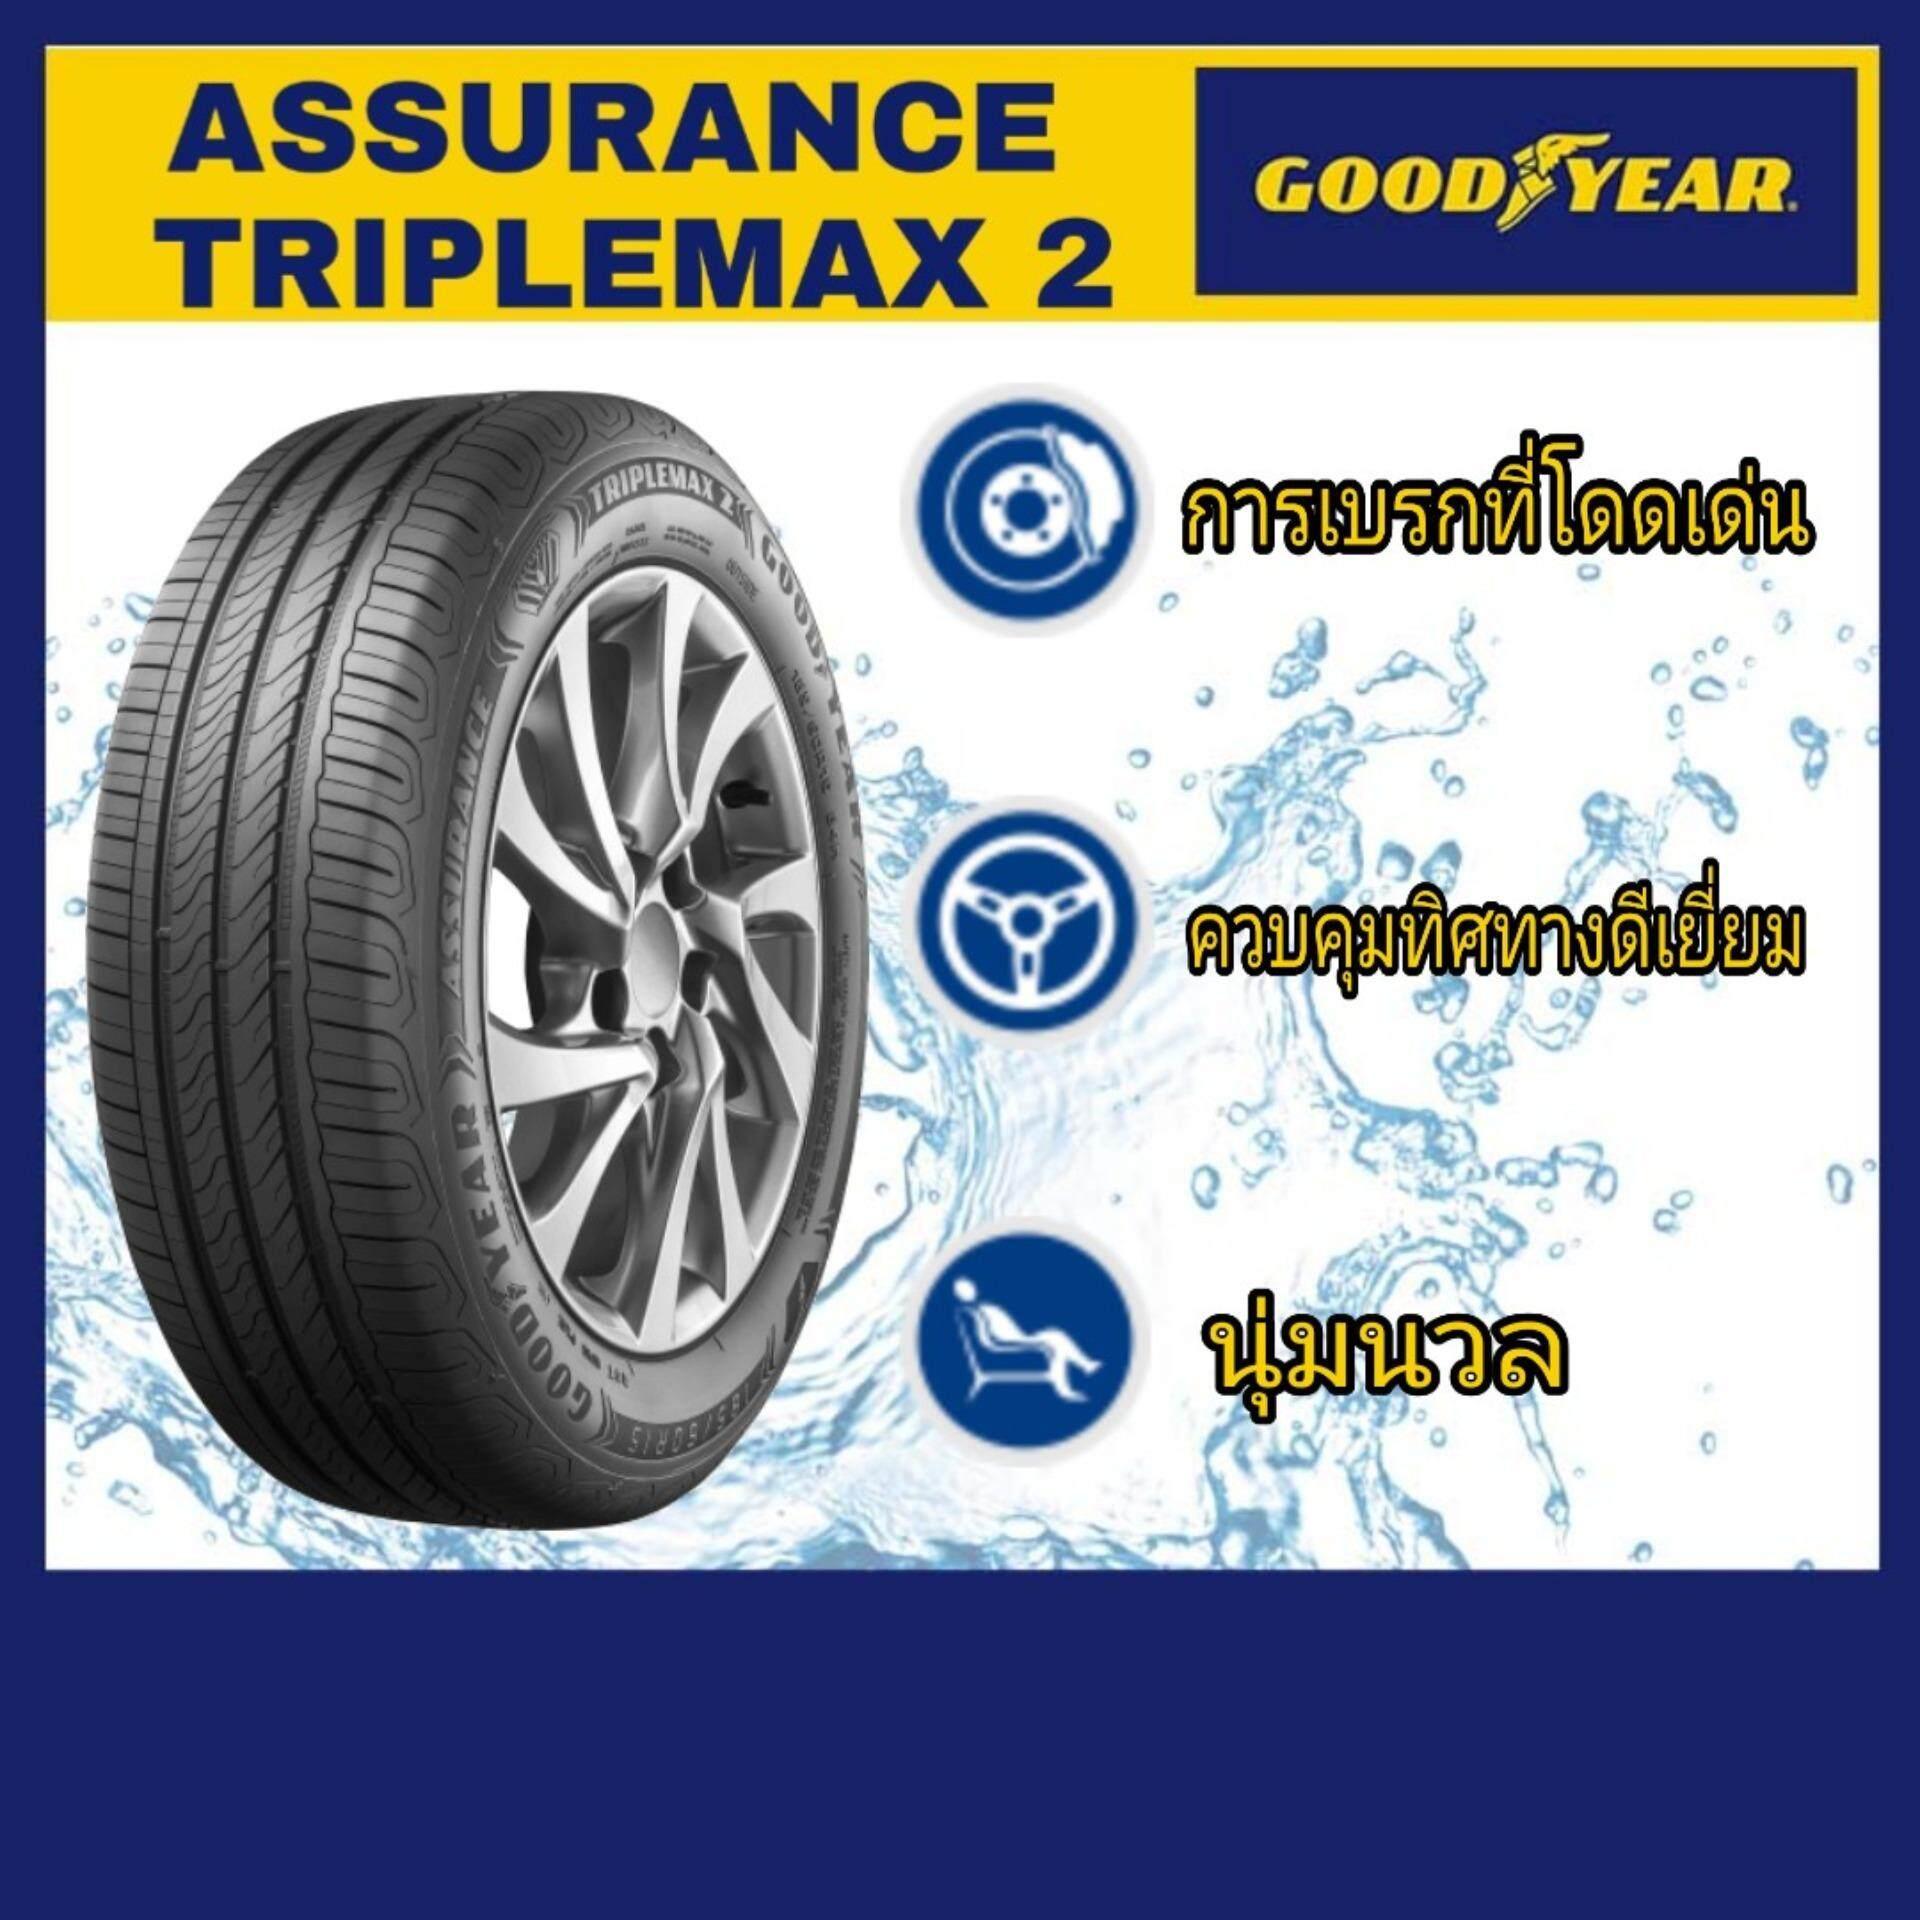 ประกันภัย รถยนต์ 2+ สุโขทัย Goodyear ยางรถยนต์ 195/65R15 รุ่น Assurance TripleMax2